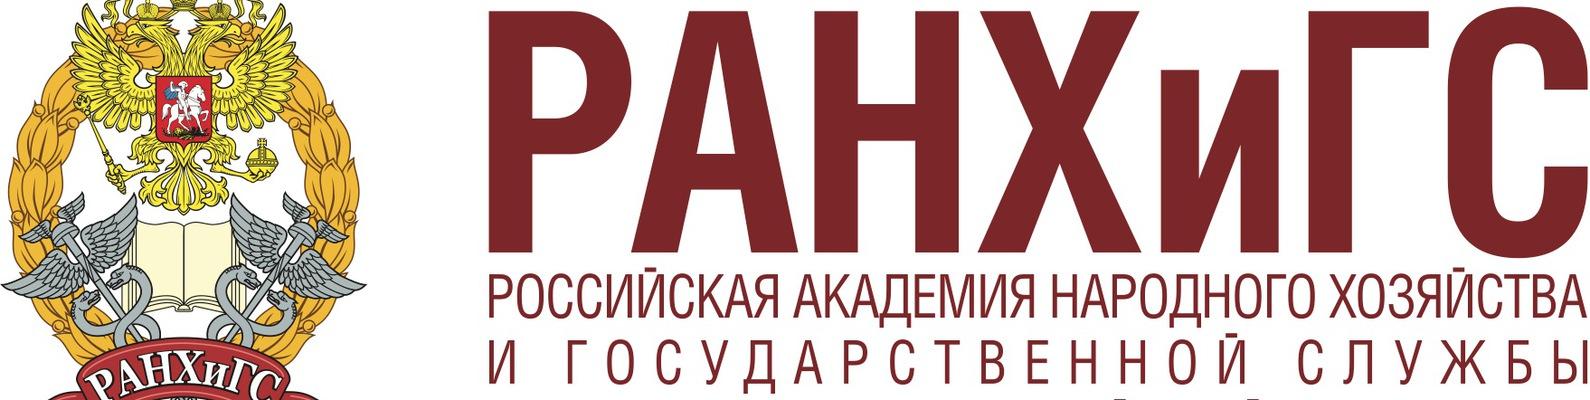 Российская академия народного хозяйства и государственной службы при Президенте РФ — филиал в г. Калининград